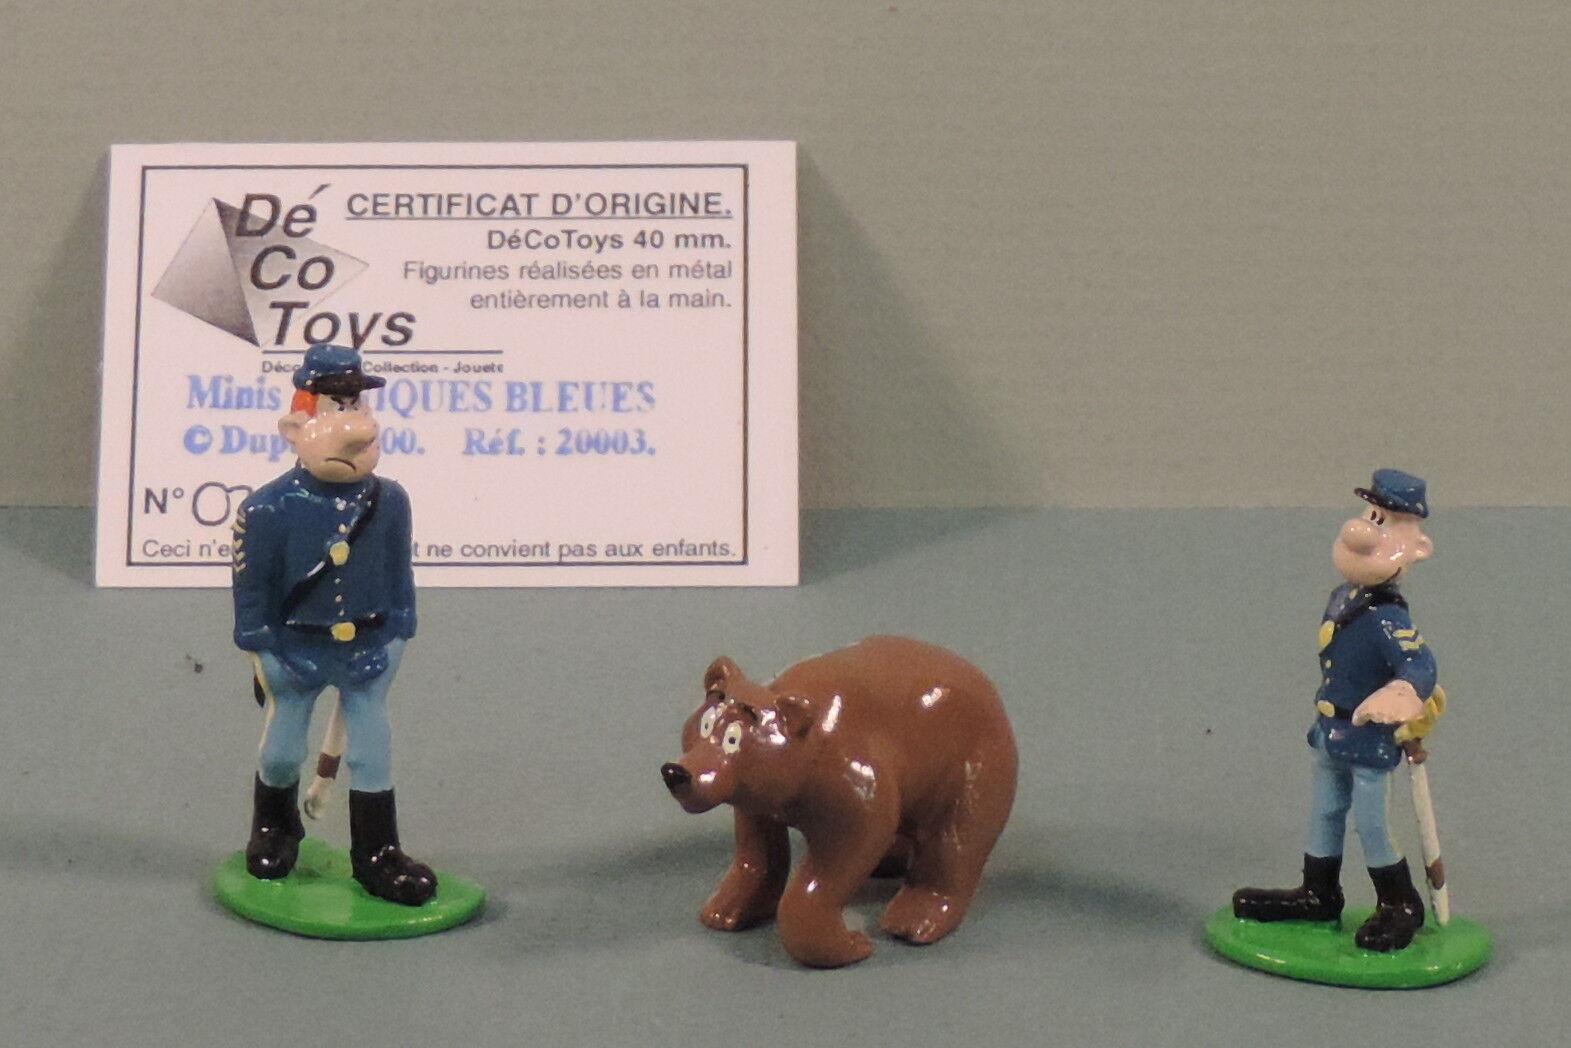 Tuniques bluees et Ours mini mini mini statuette metal Decotoys 20007 numerede 8d79ef